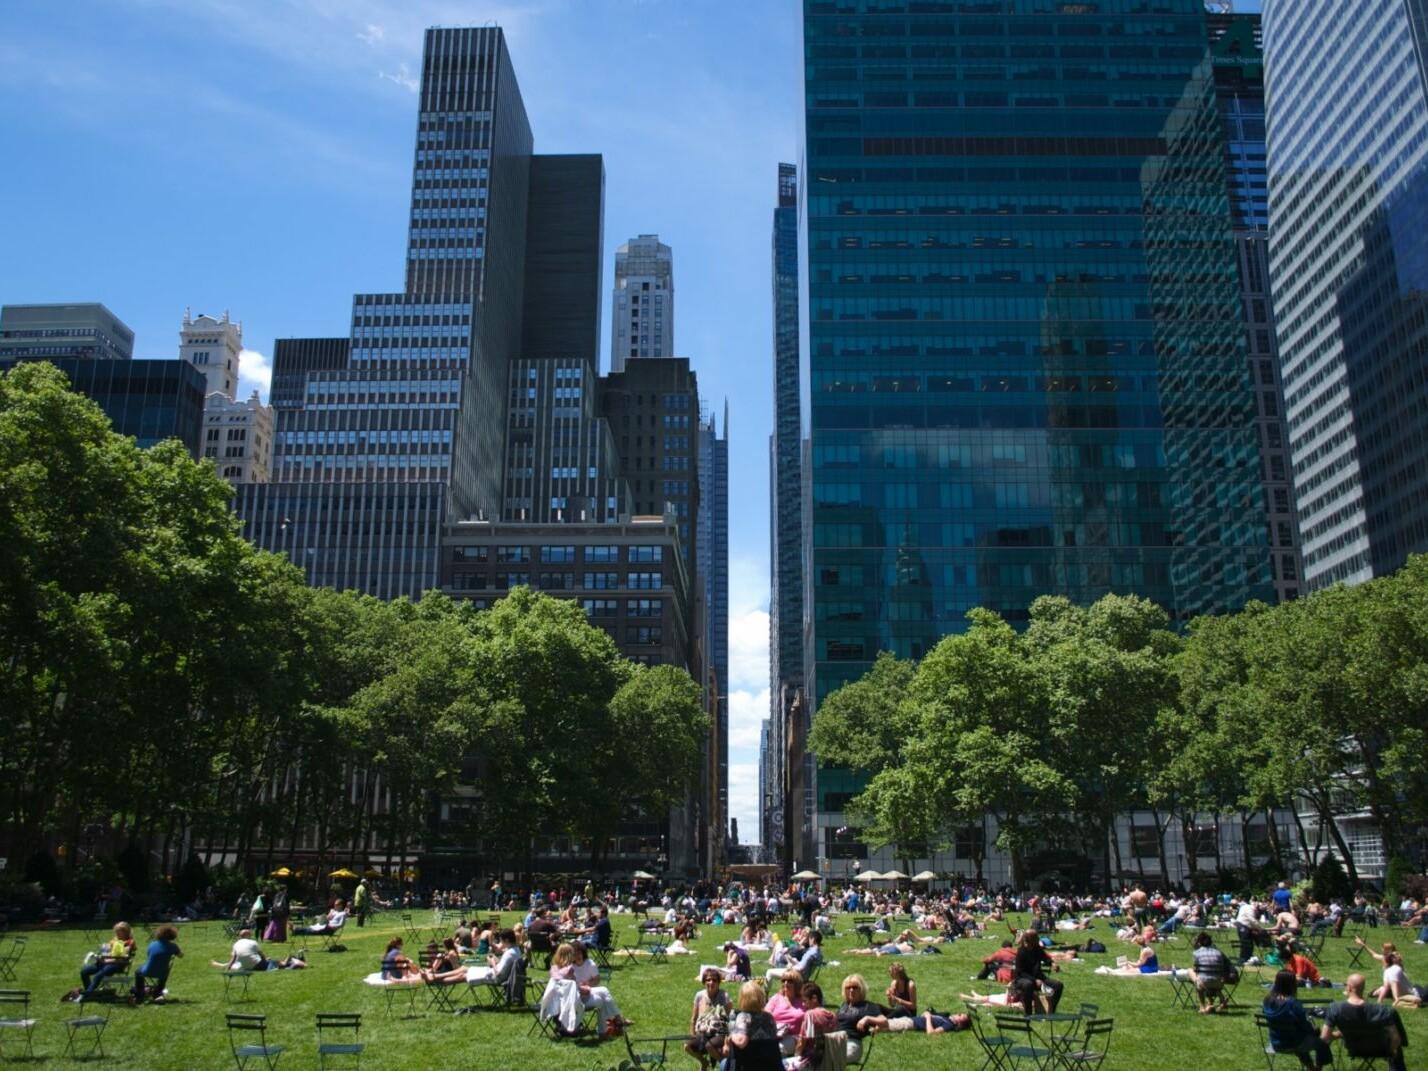 https://brandschutzplus.de/wp-content/uploads/2021/01/bryantpark1_1_Bryant-Park-New-York-Foto-olemiswebs.jpg